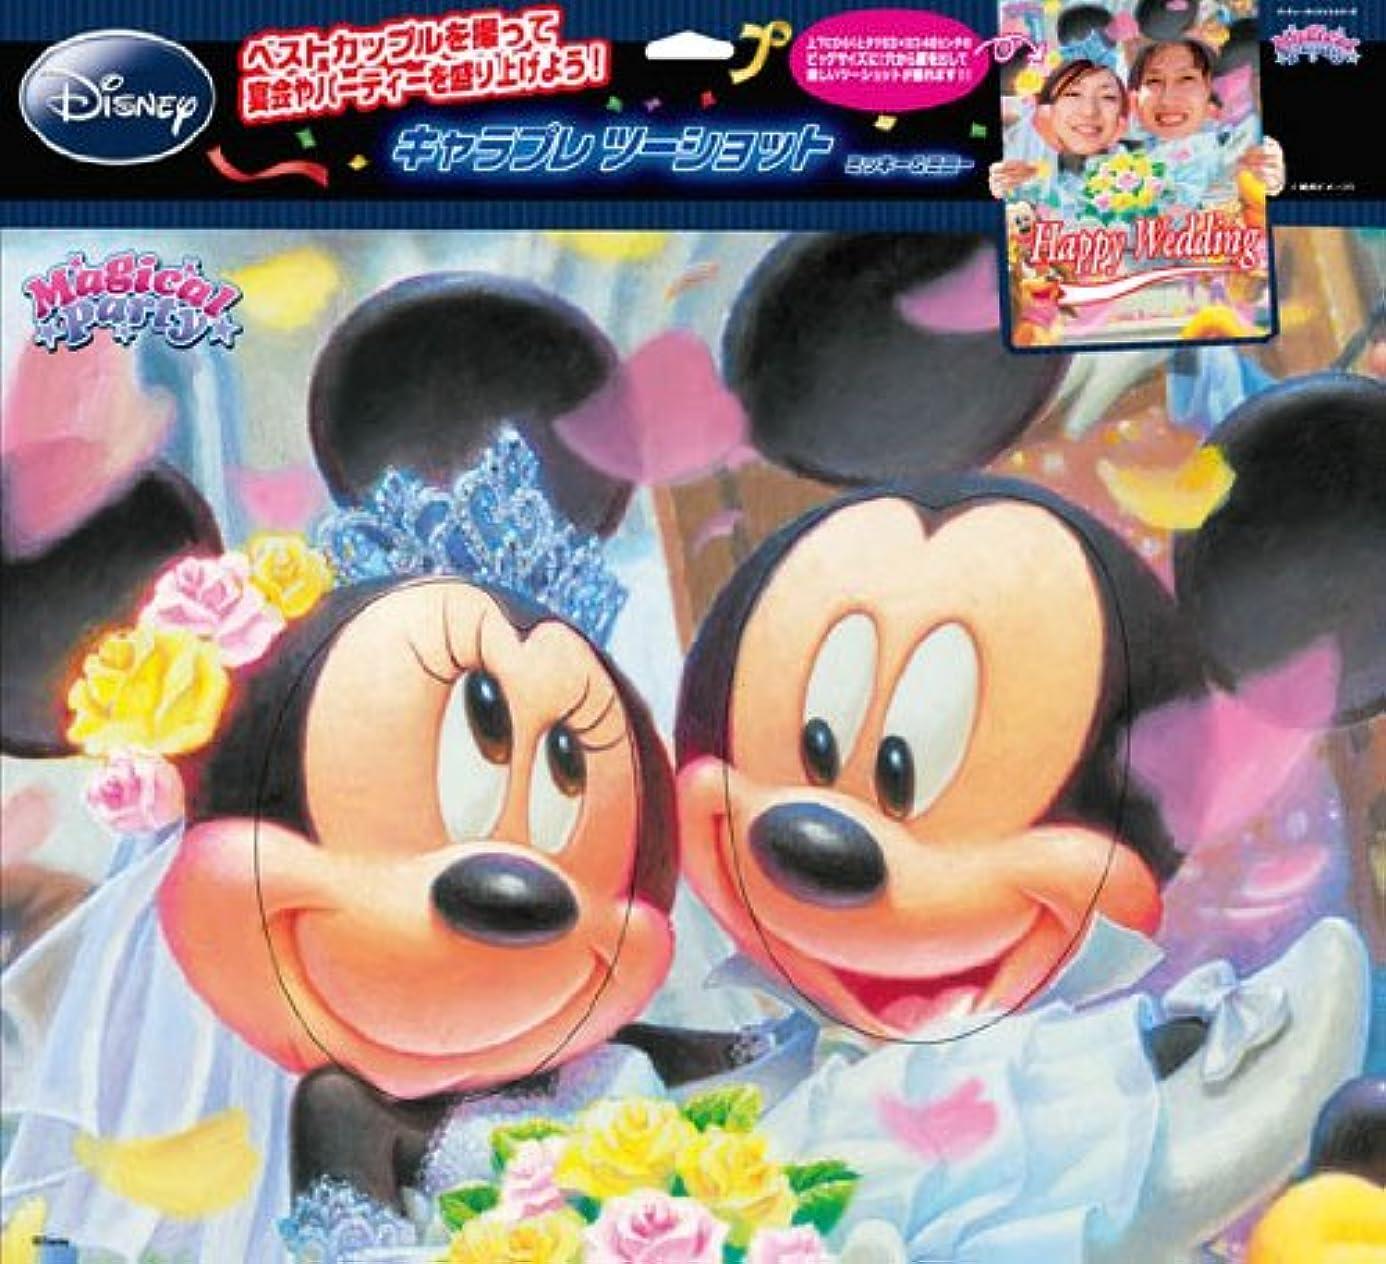 クライストチャーチサーキュレーション対ディズニー キャラプレ ツーショット /  ミッキー&ミニー